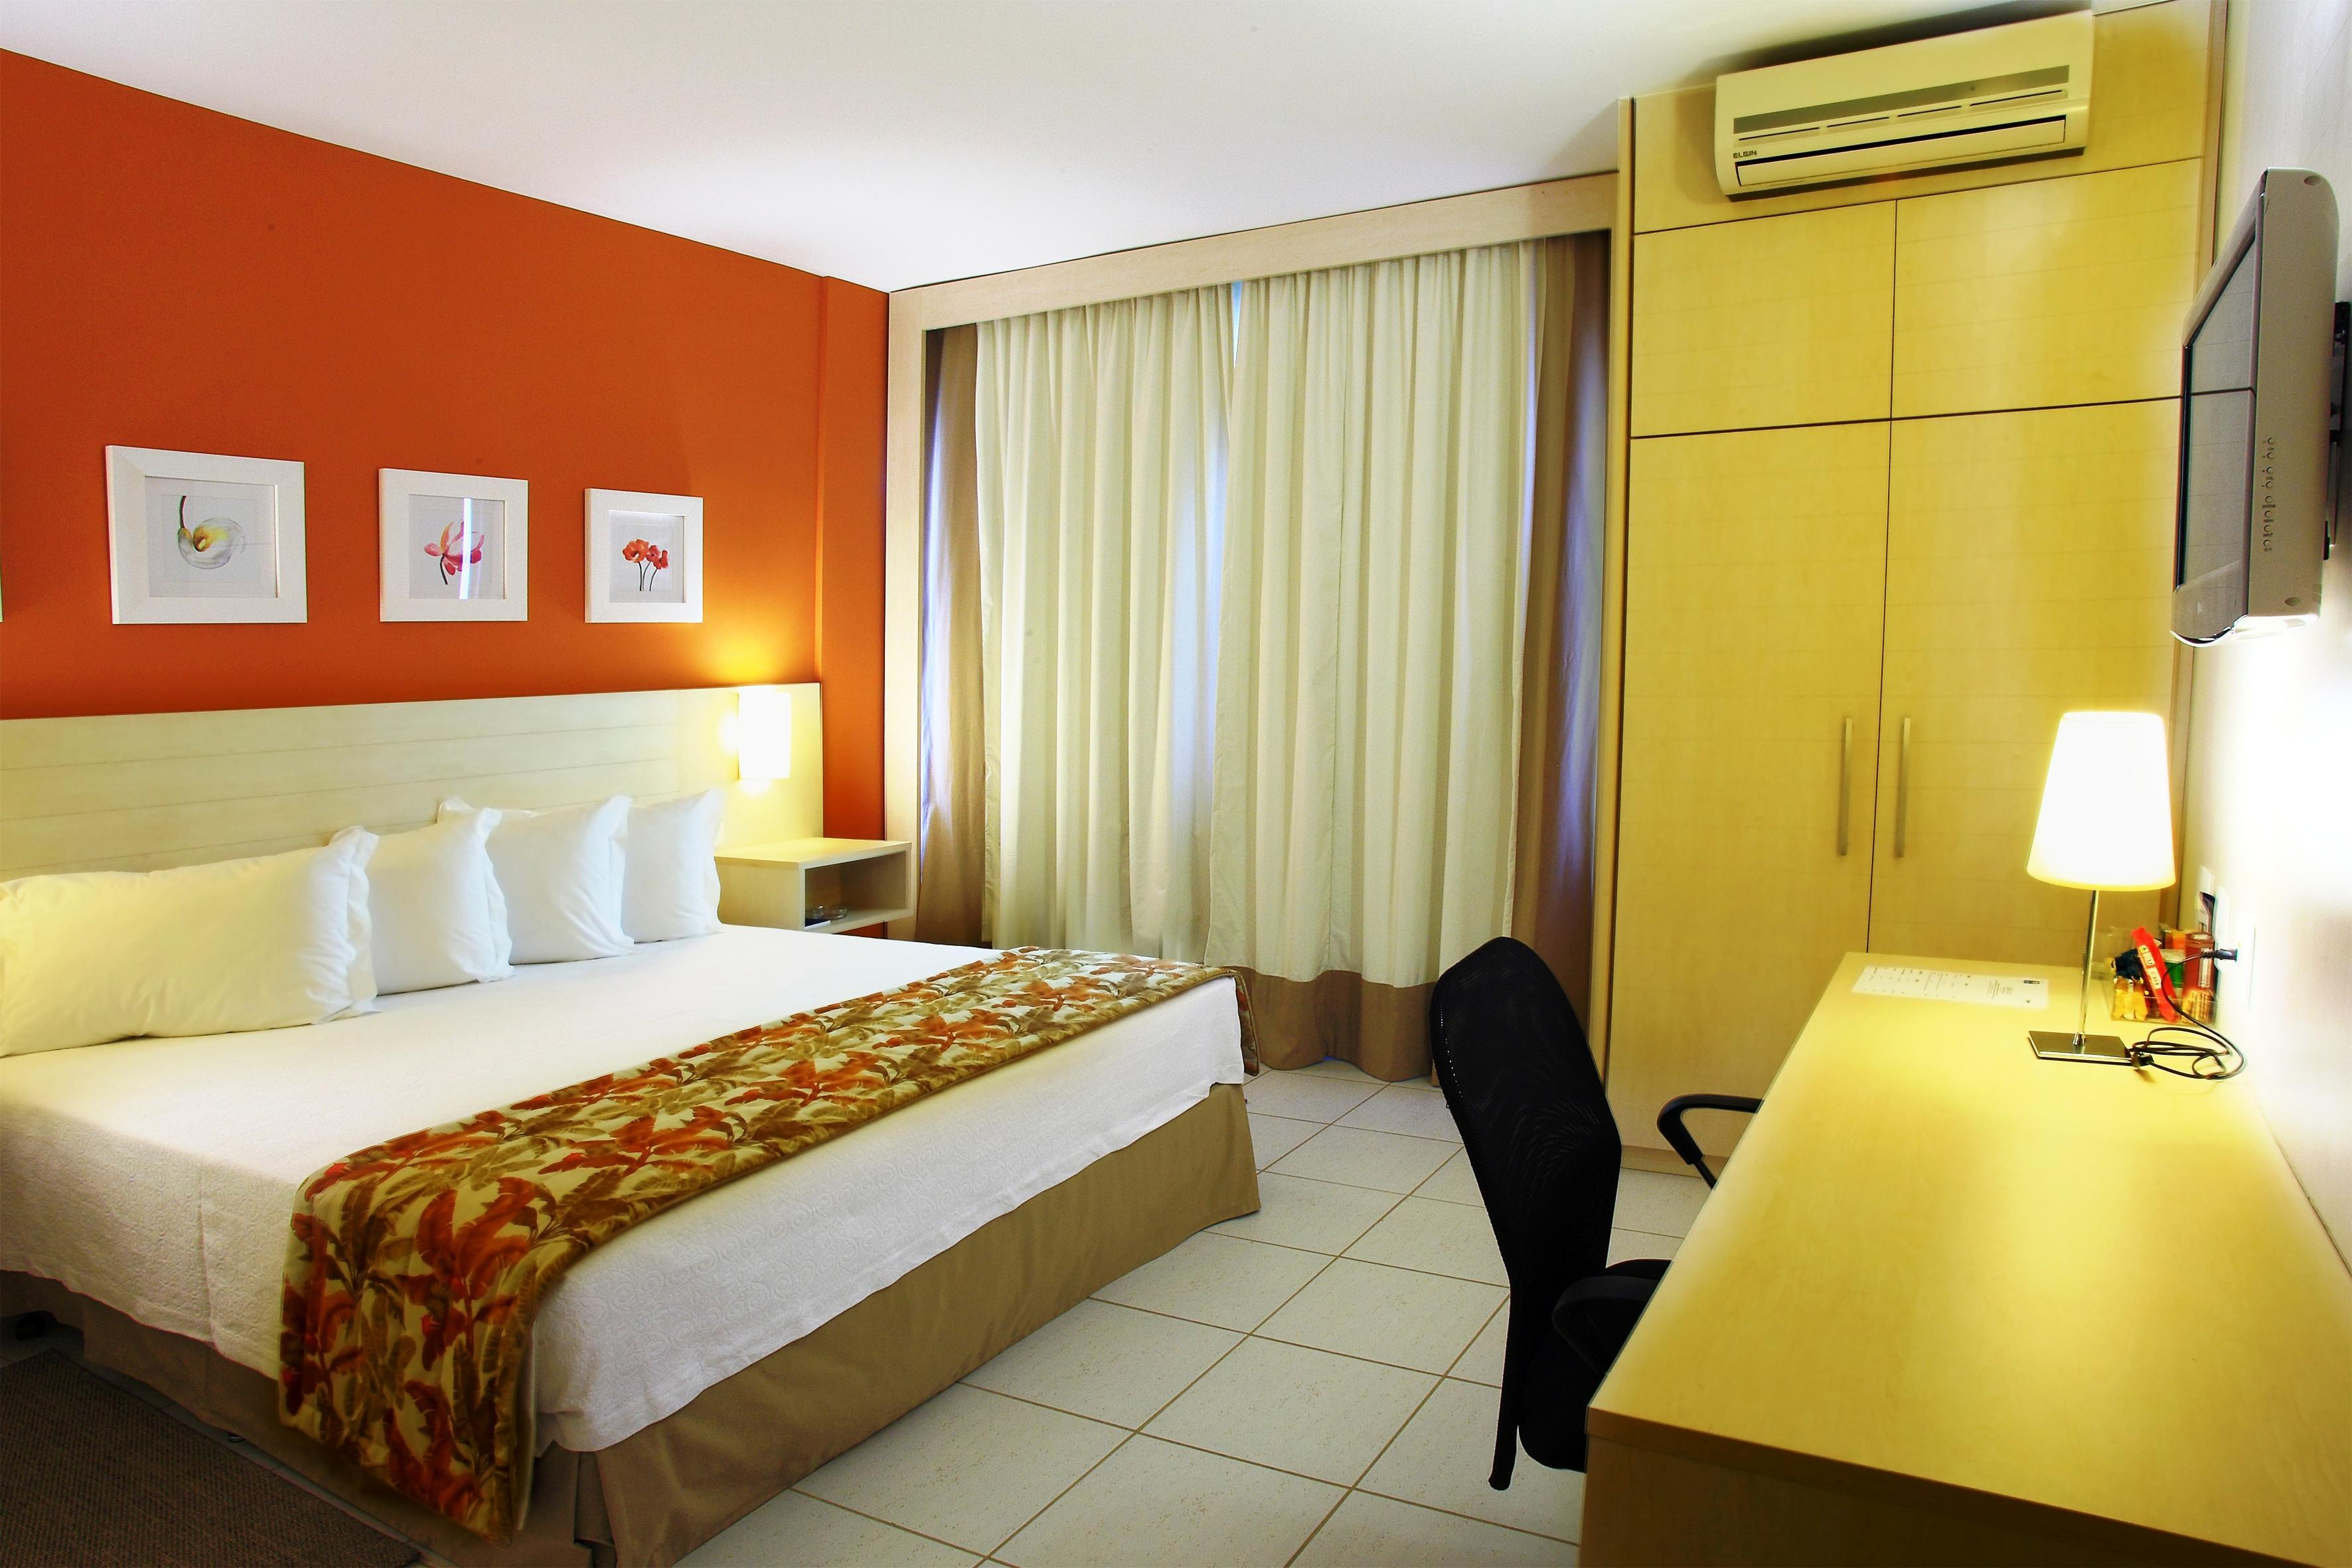 Comfort Inn & Suites Ribeirão Preto